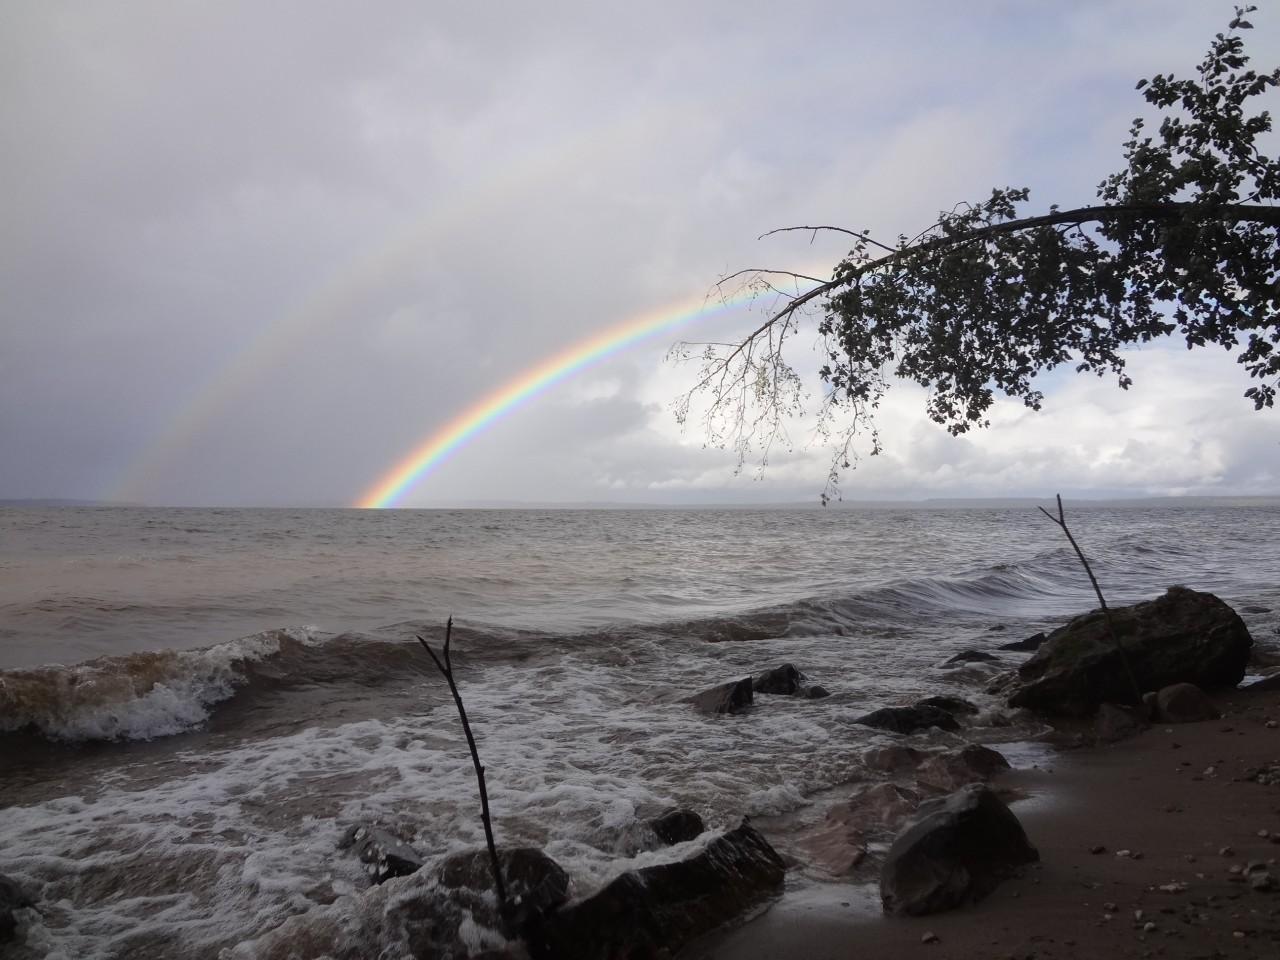 Пусть вновь взойдет над миром радуга!